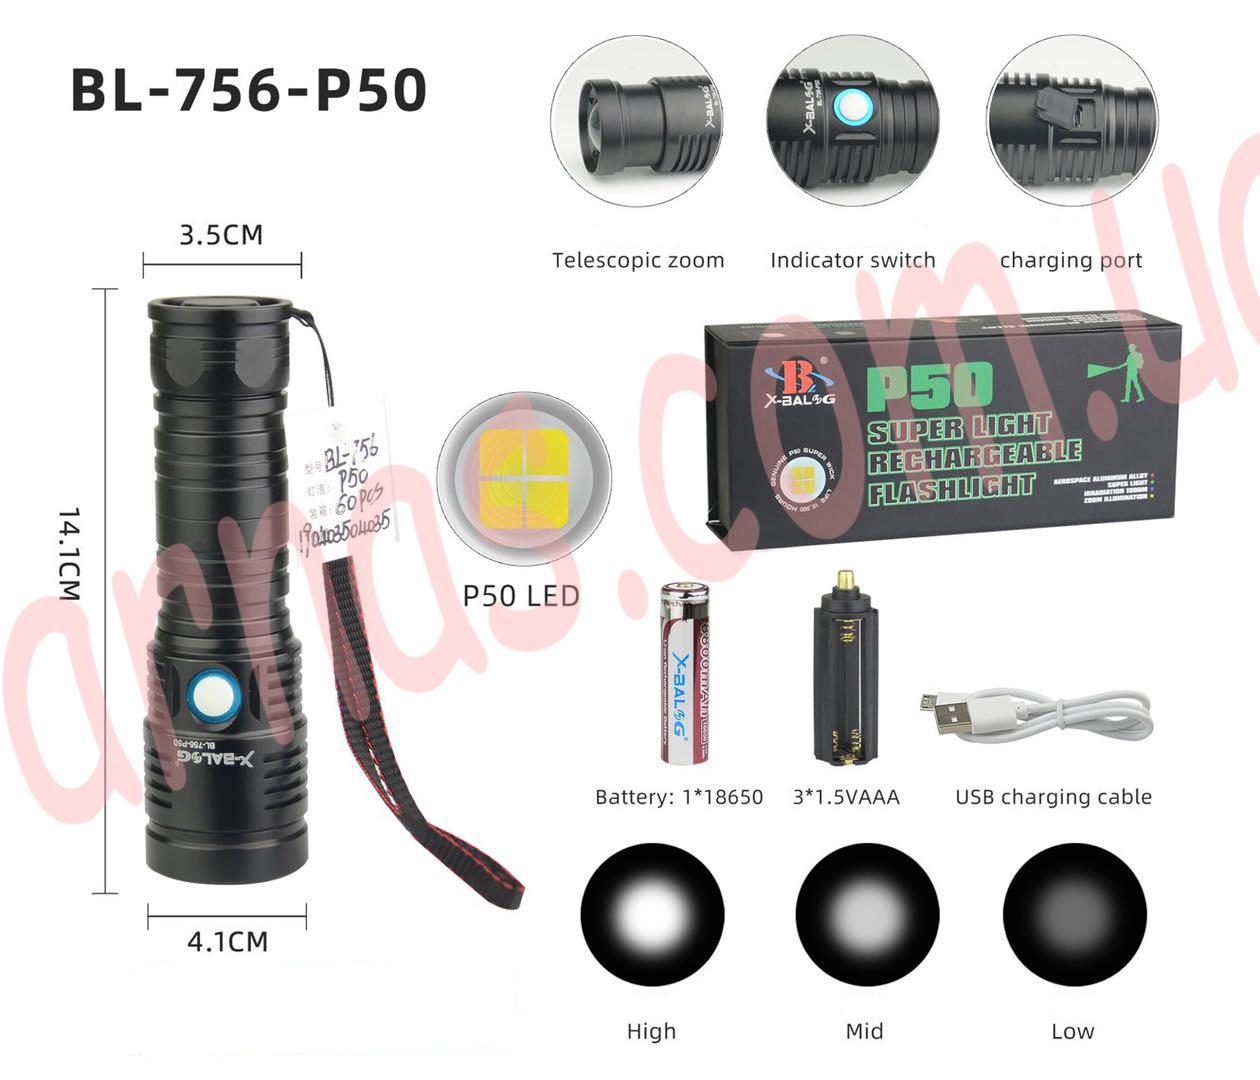 Аккумуляторный фонарь BL-756-P50